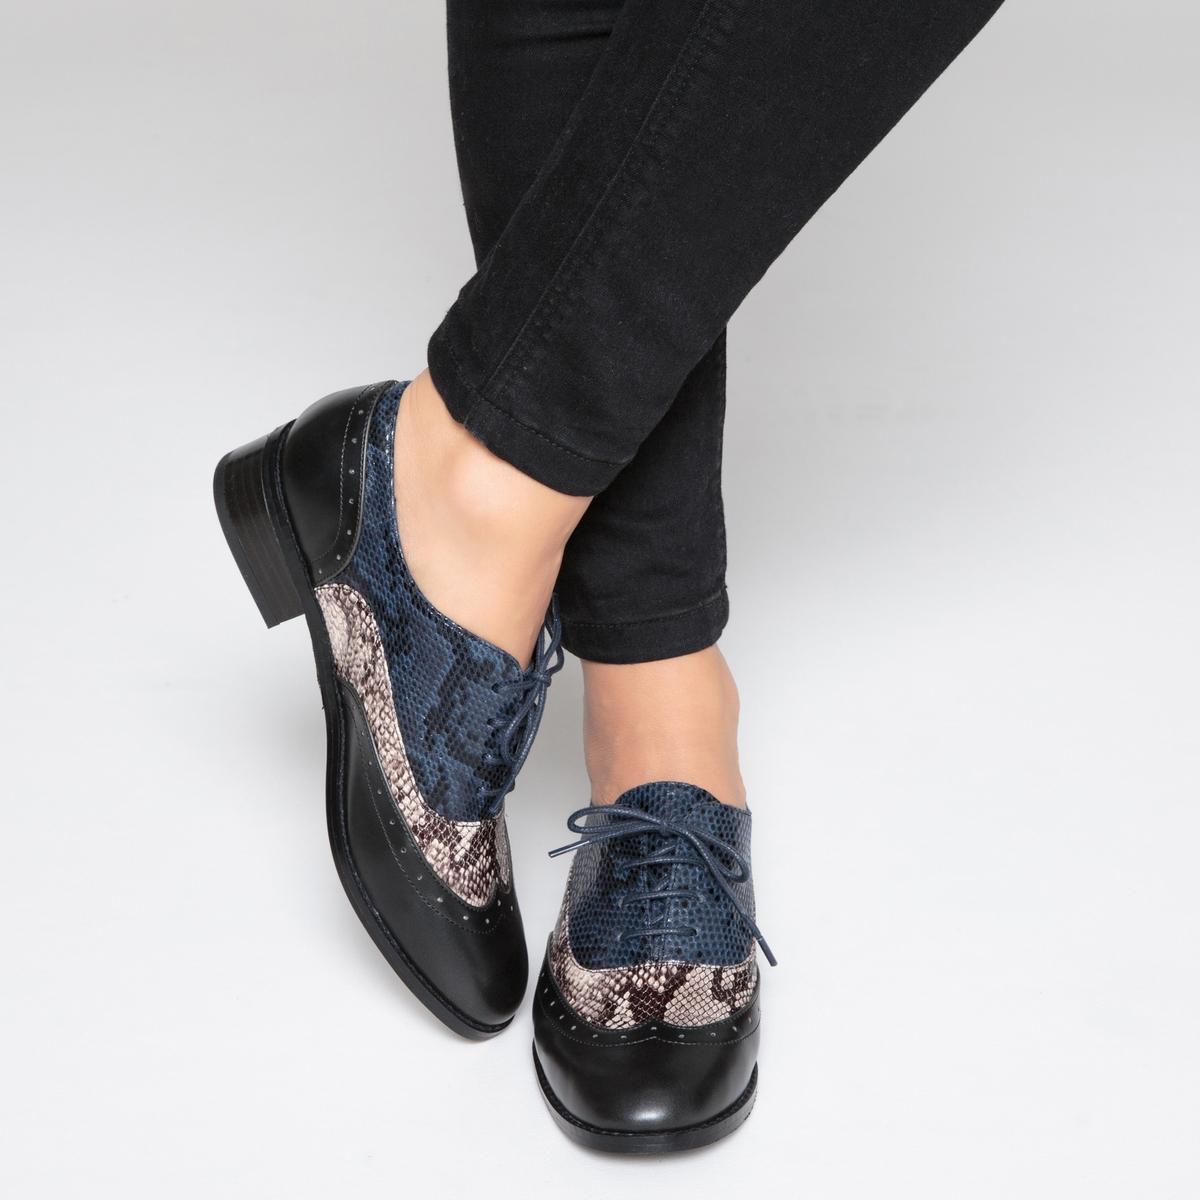 Ботинки-дерби под кожу питона ботинки дерби под кожу питона